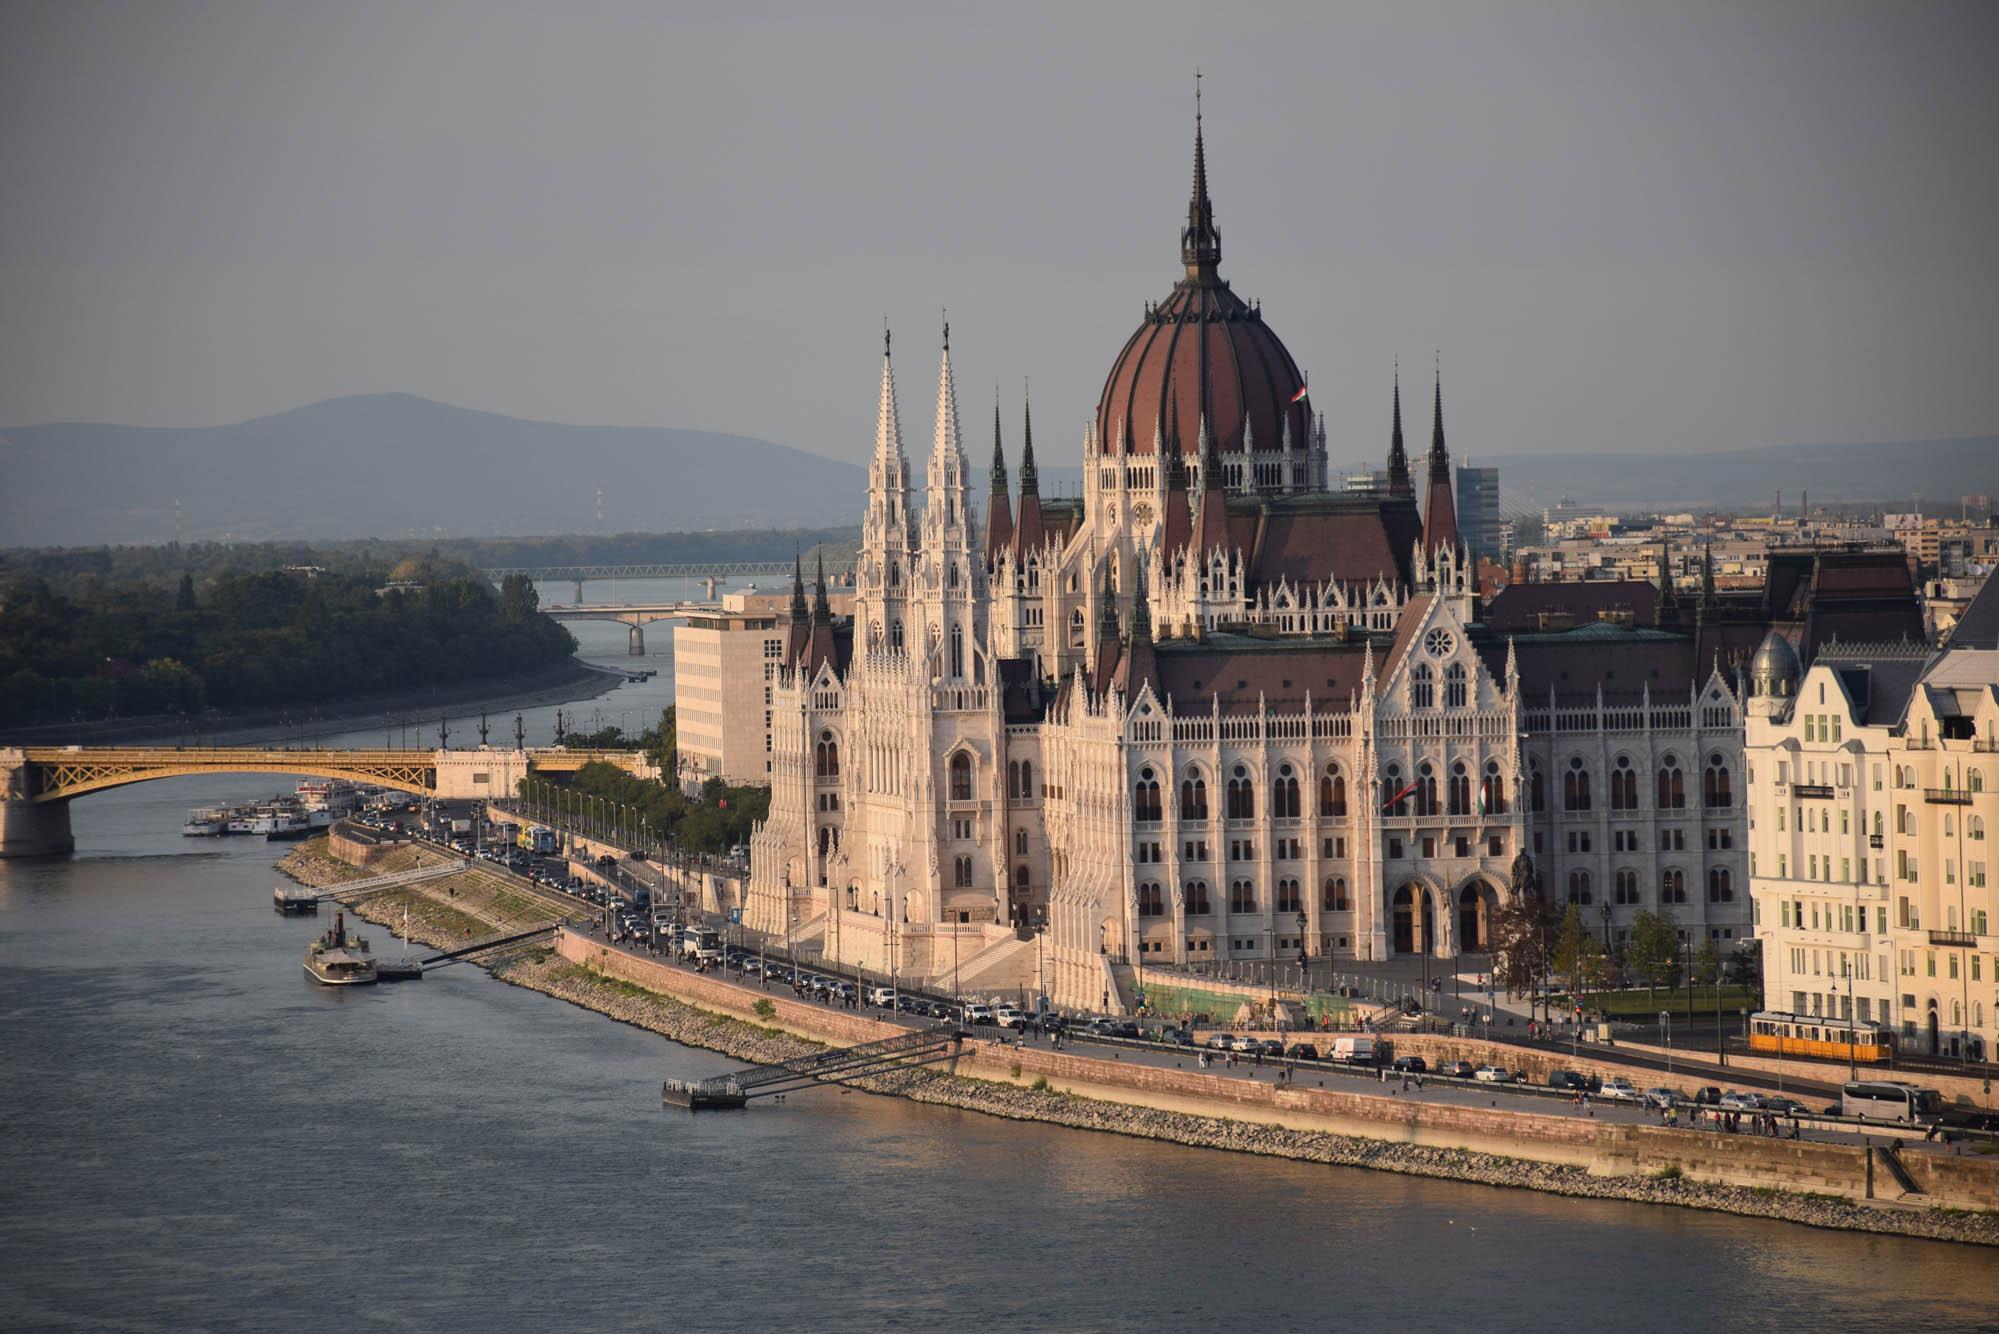 Esse Parlamento Húngaro chega a hipnotizar, né? Vista de frente do Castelo